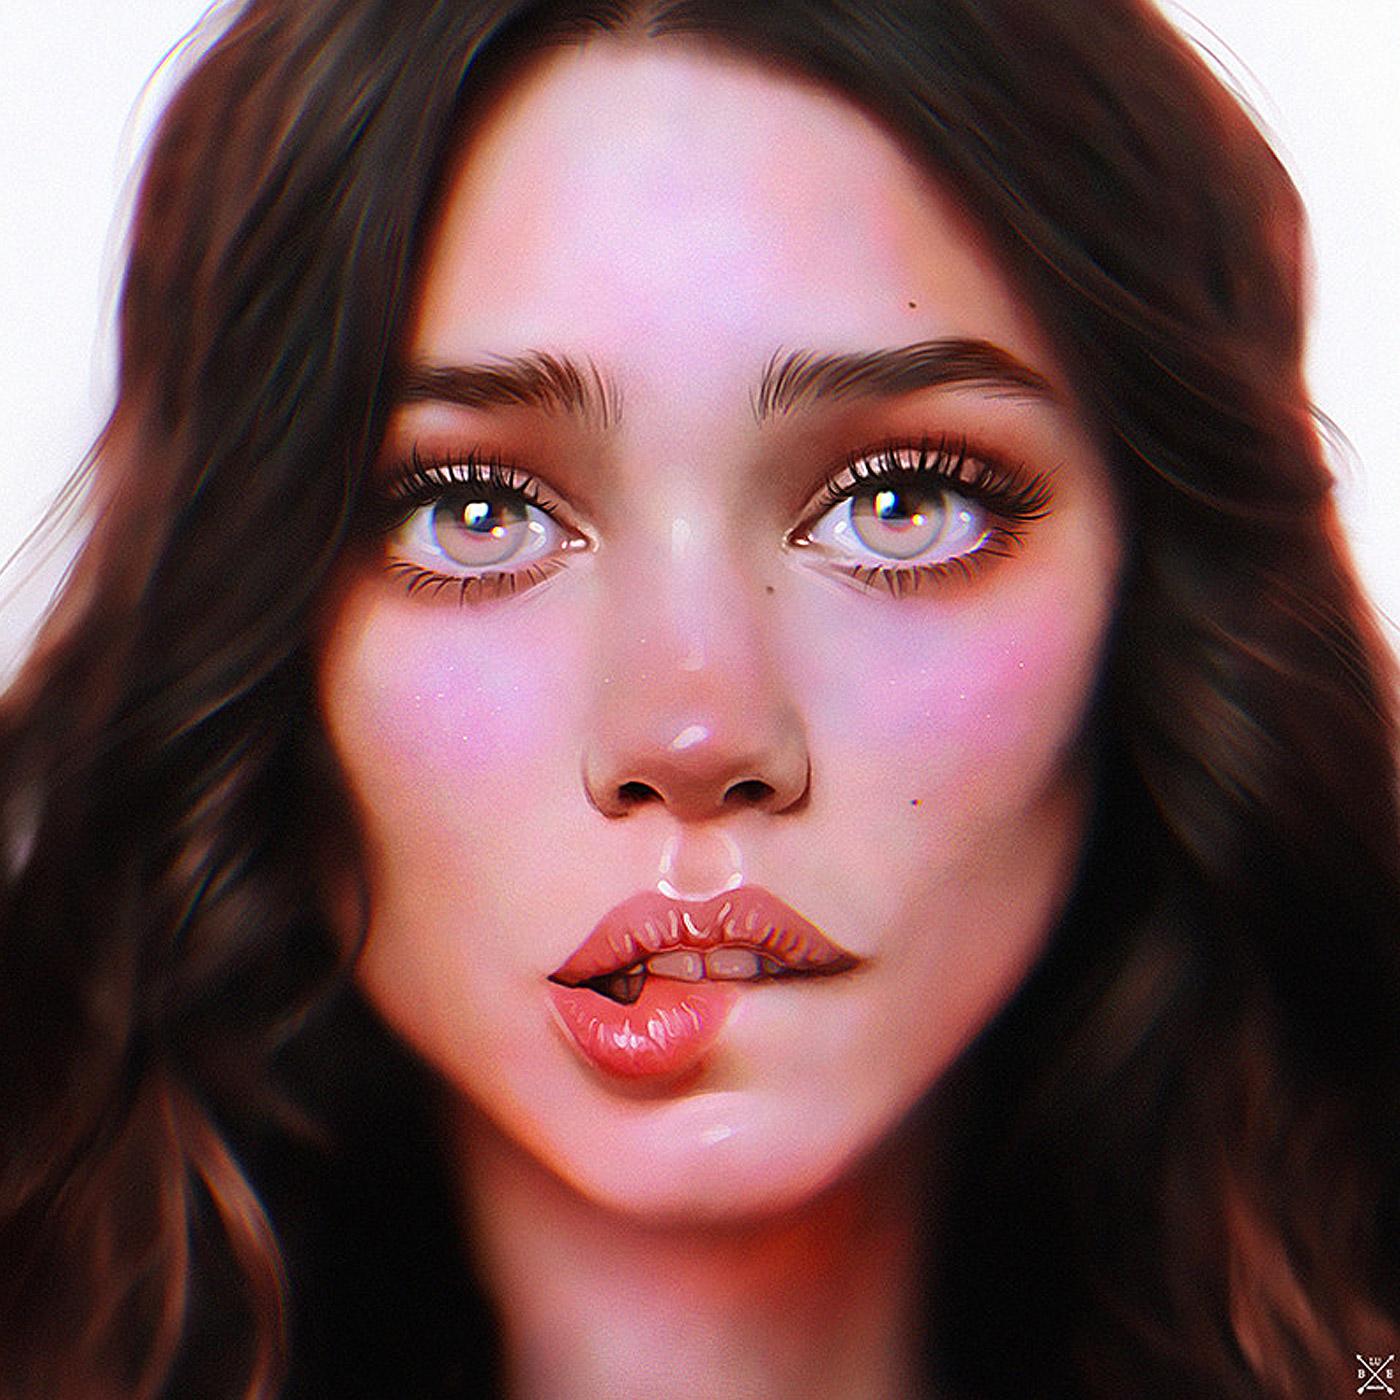 Expressive Female Portraits By Julia Razumova